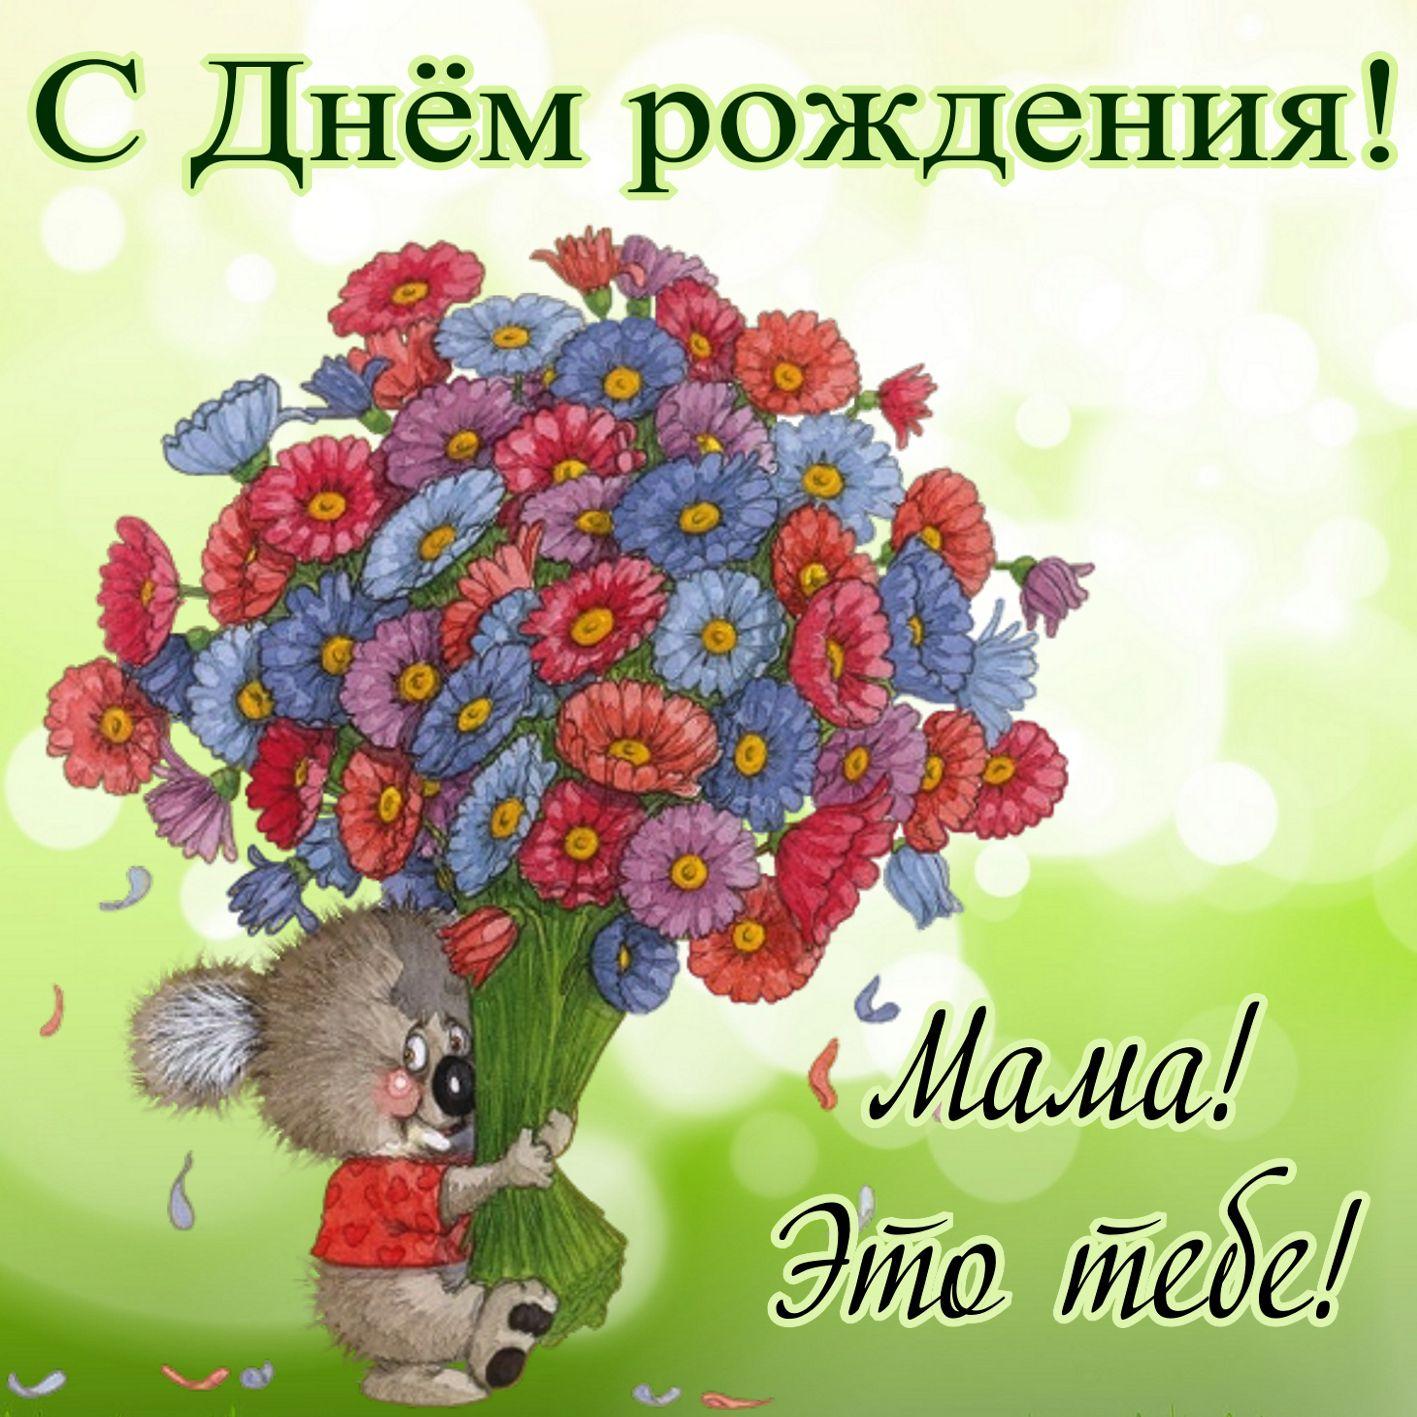 Поздравление для дочки с юбилеем от мамы